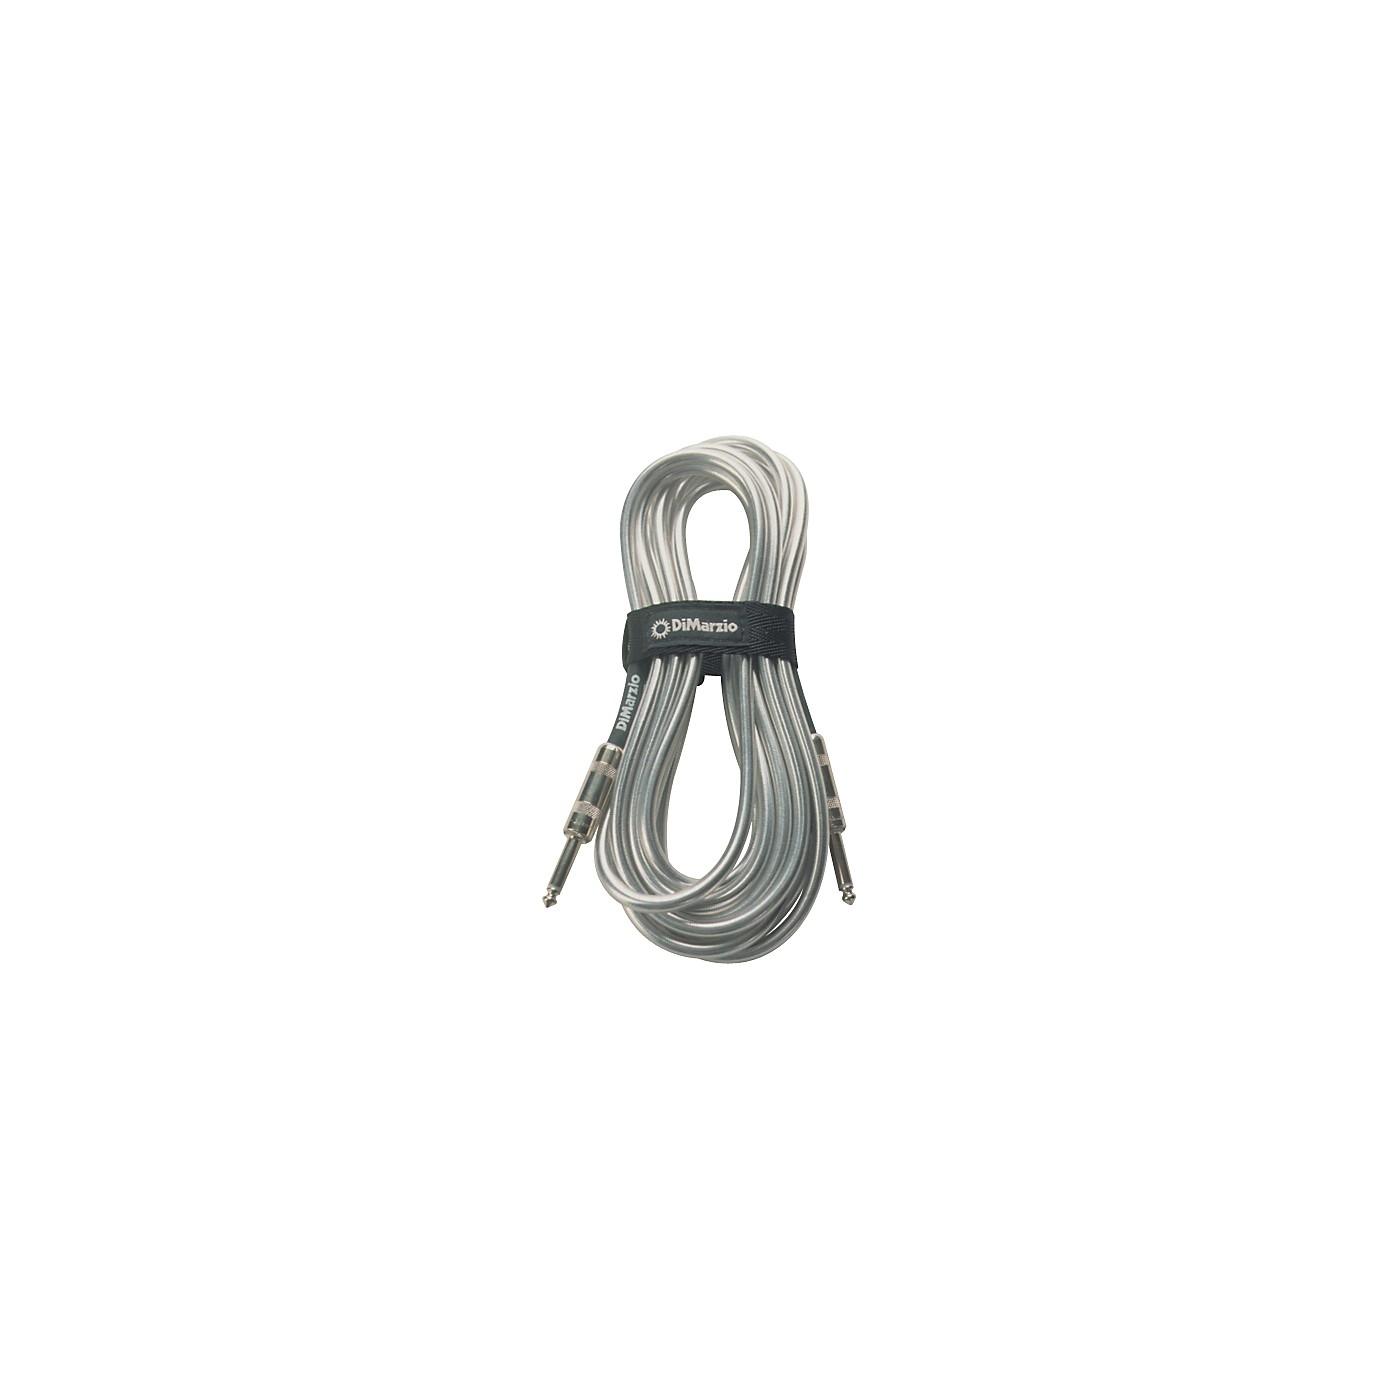 DiMarzio Instrument Cable thumbnail